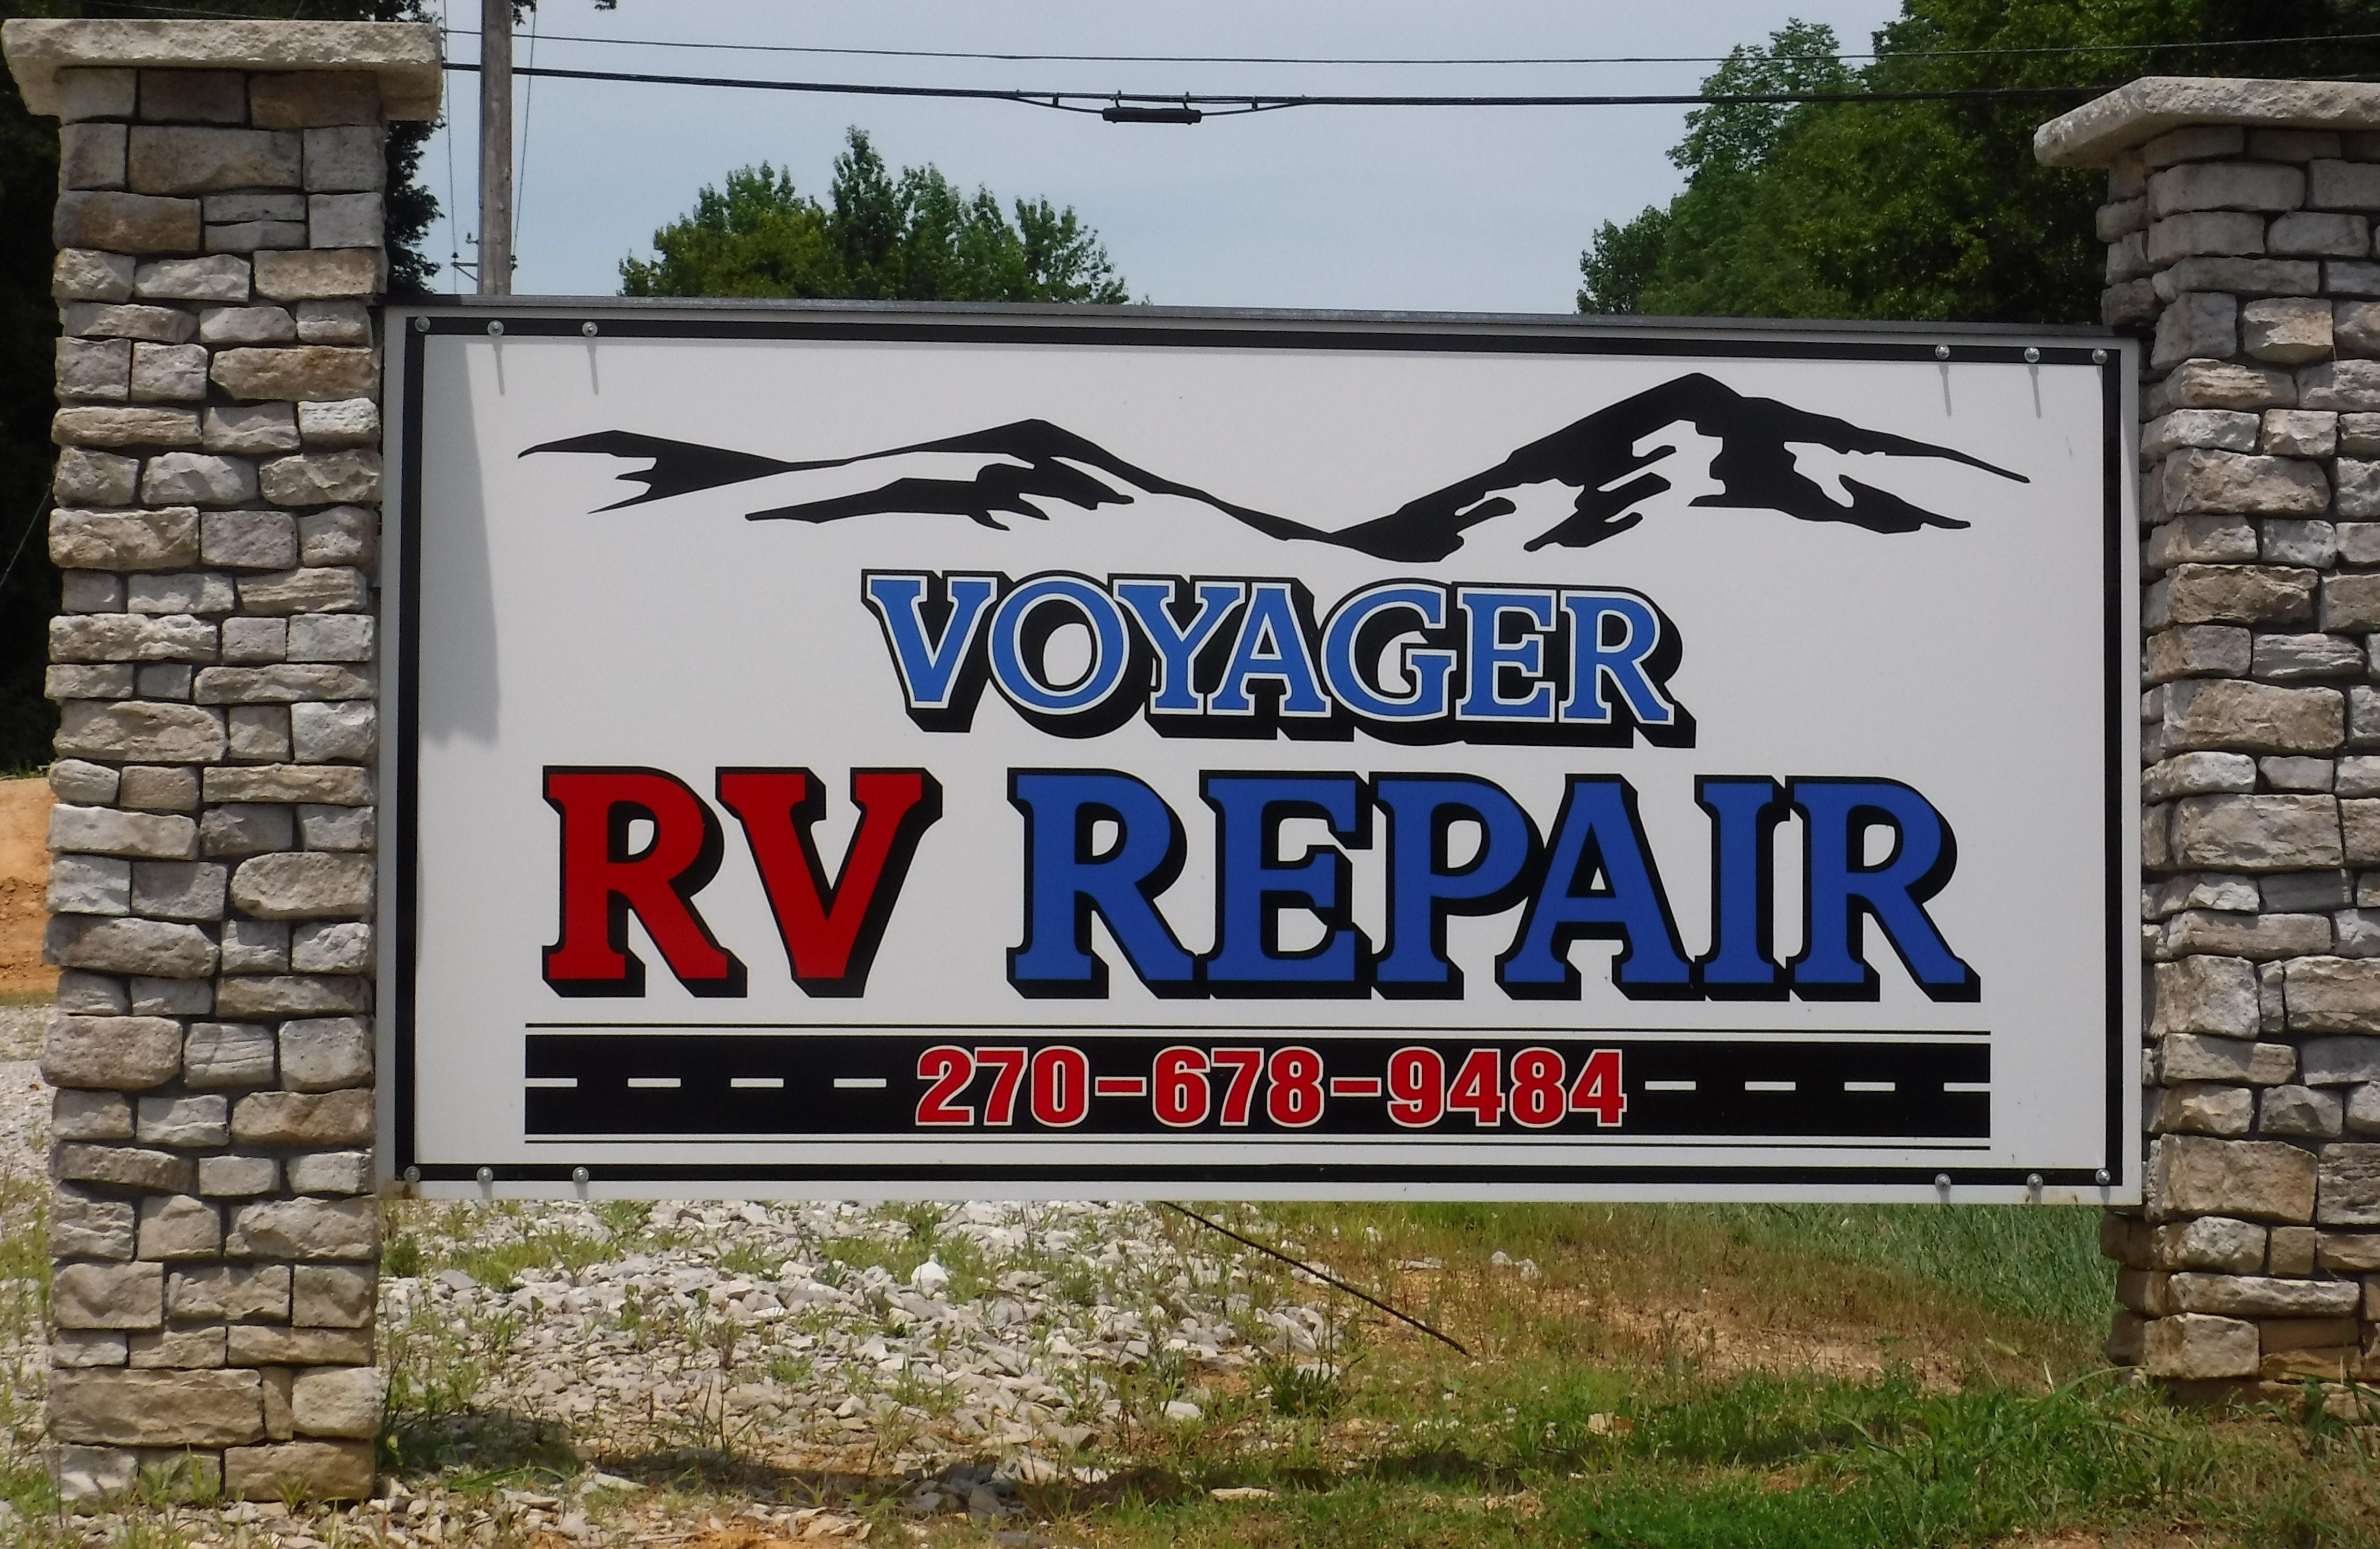 rvvoyrvrepair-2017-07-19-003.jpg